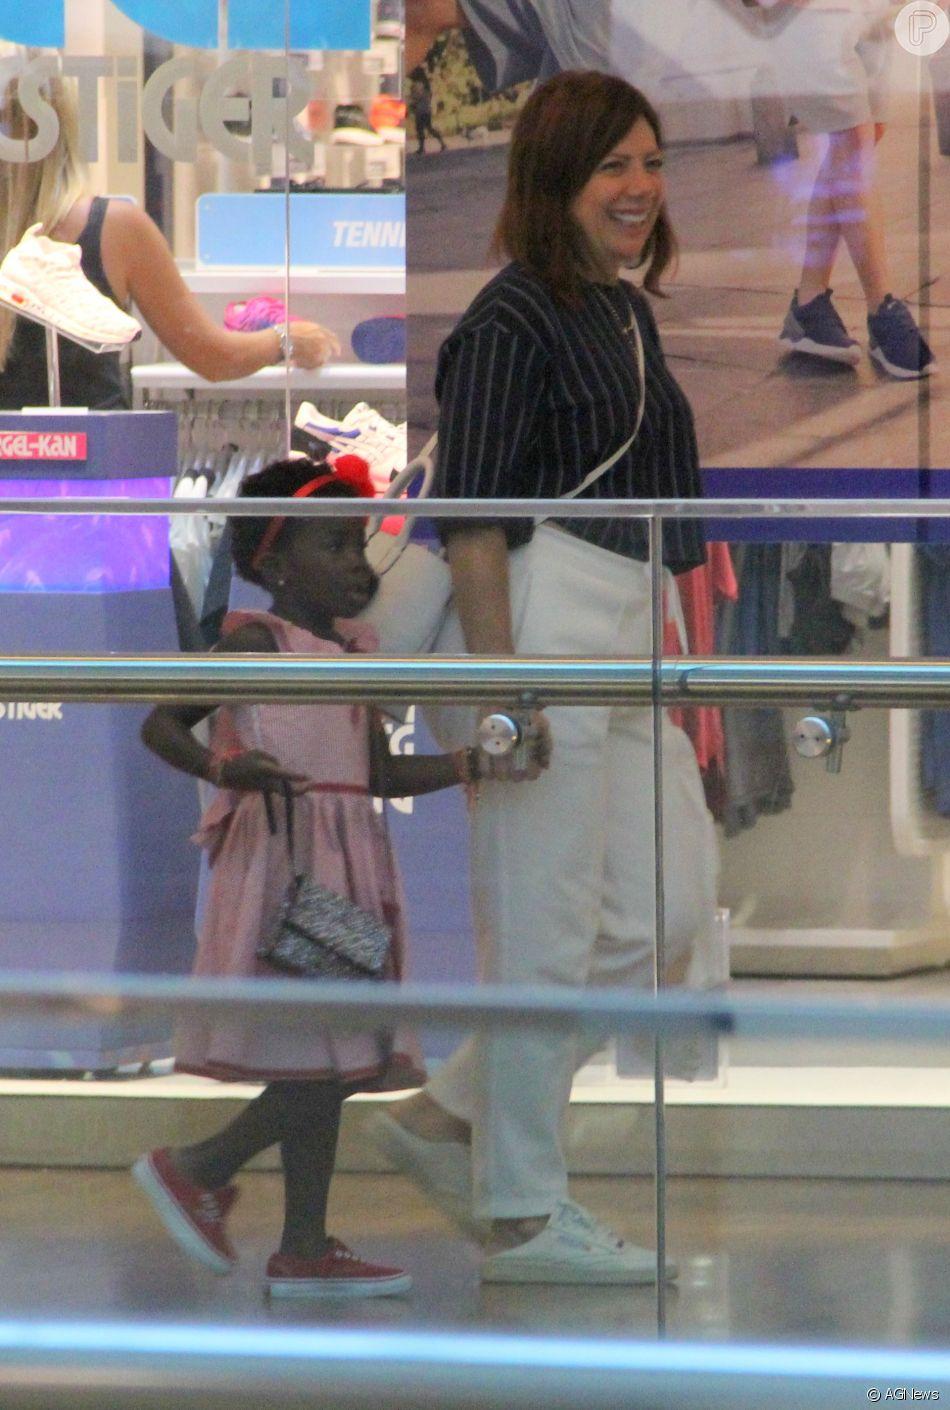 Filha de Bruno Gagliasso e Giovanna Ewbank, Títi passeia com avó materna, Débora, em shopping do Rio de Janeiro